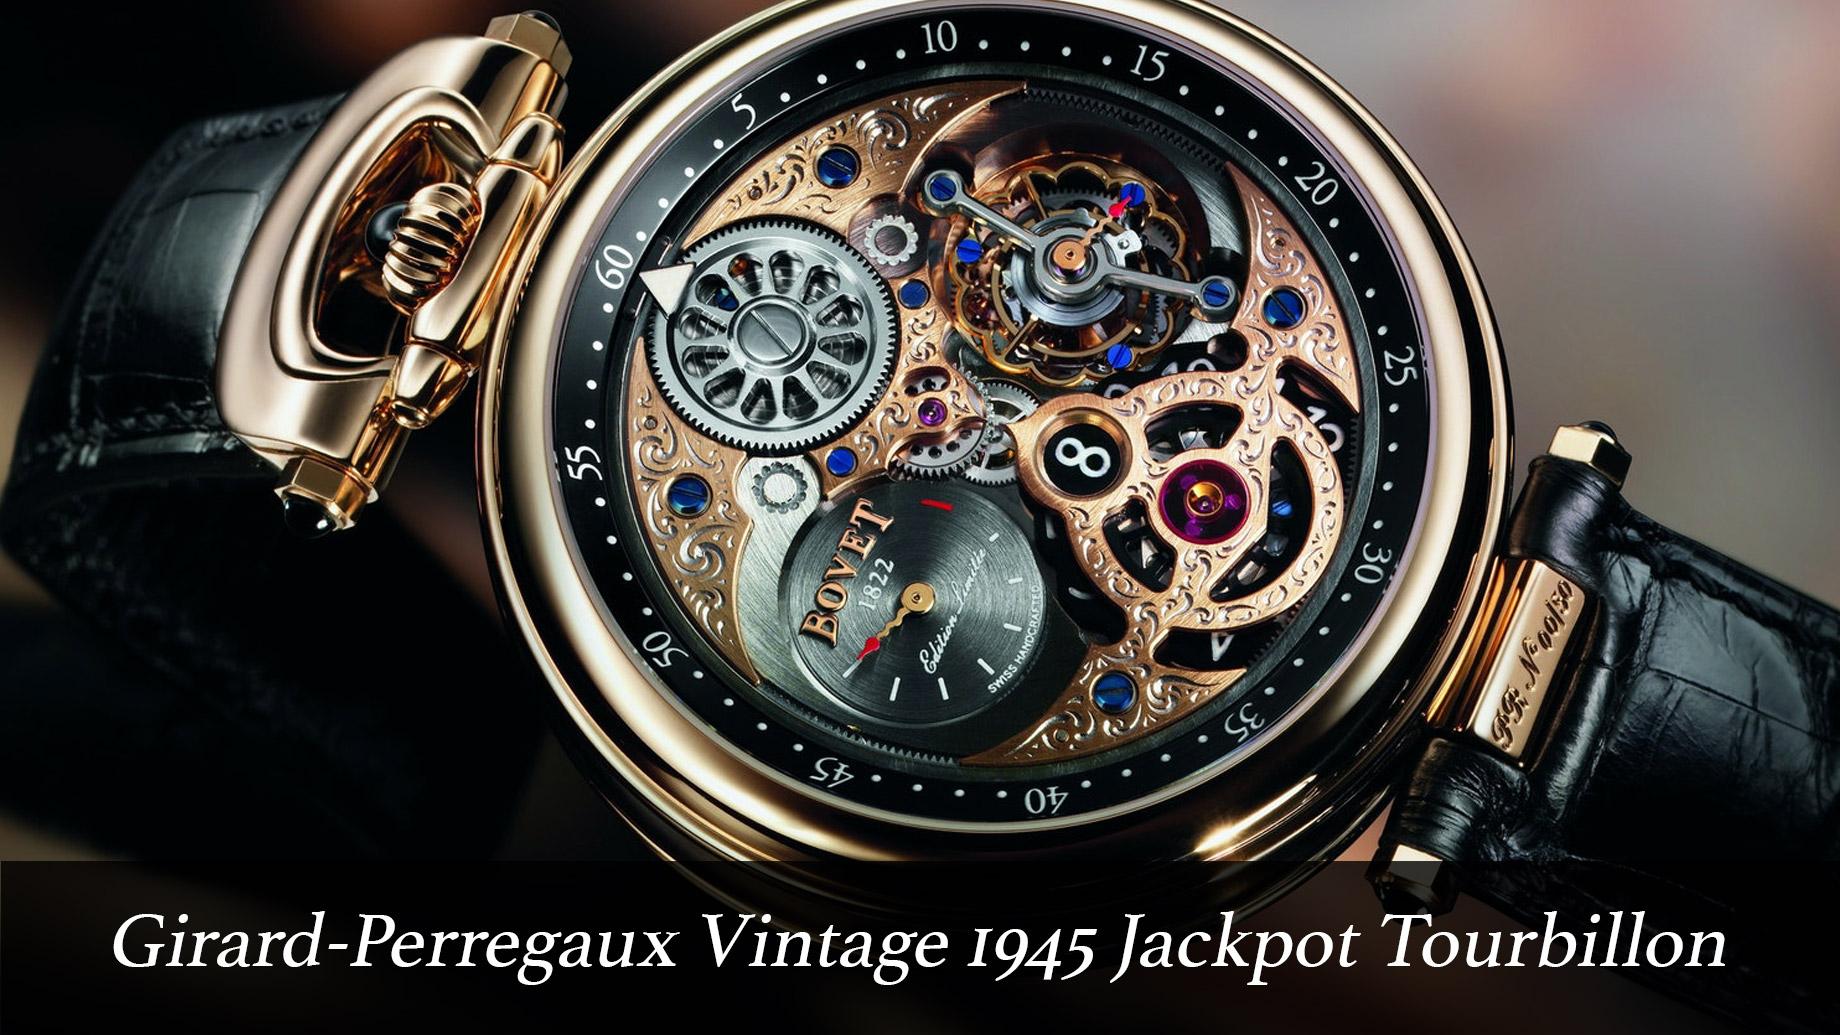 Girard-Perregaux Vintage 1945 Jackpot Tourbillon